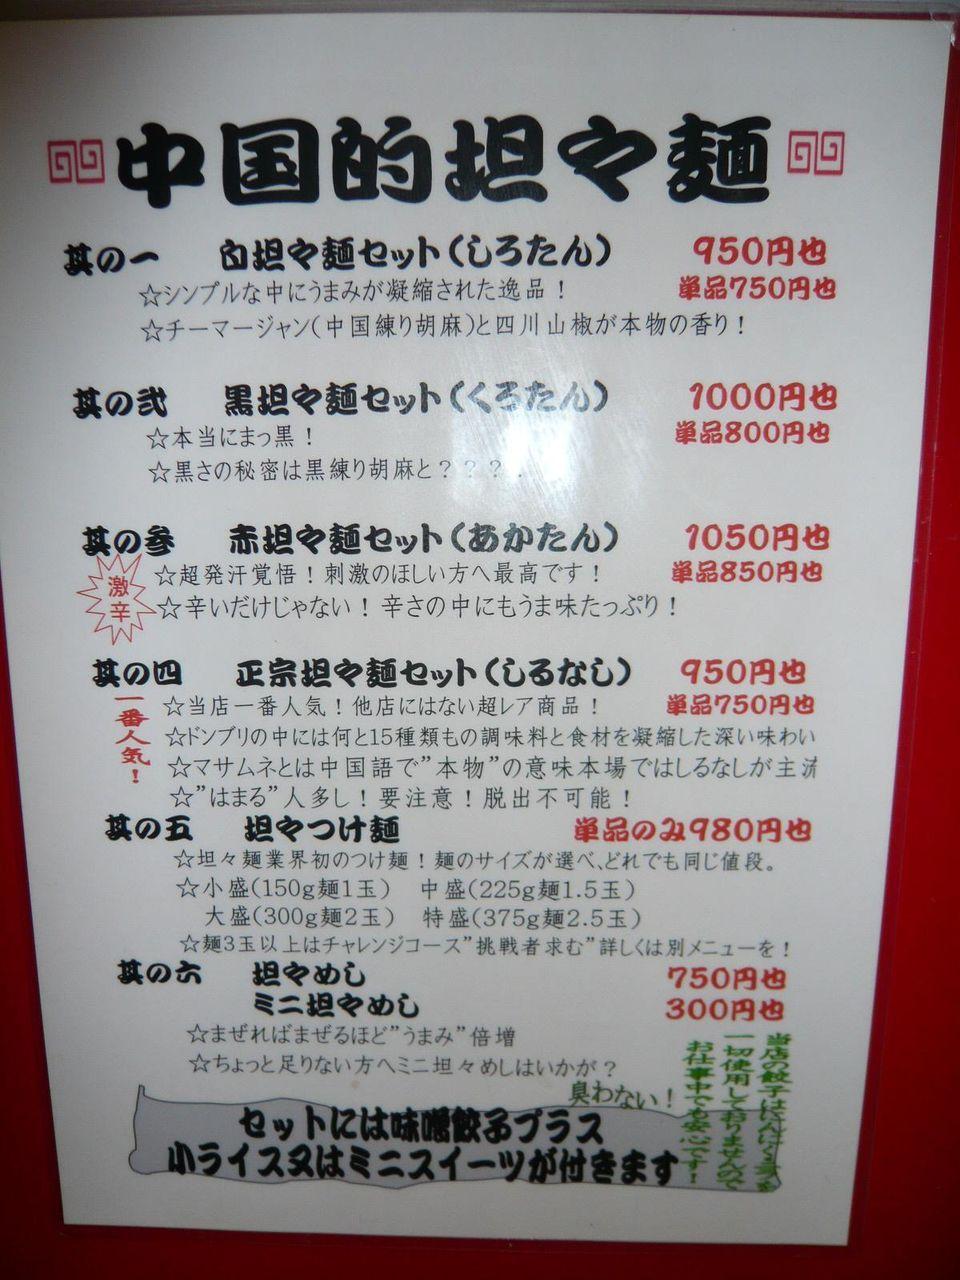 坦々麺メニュー